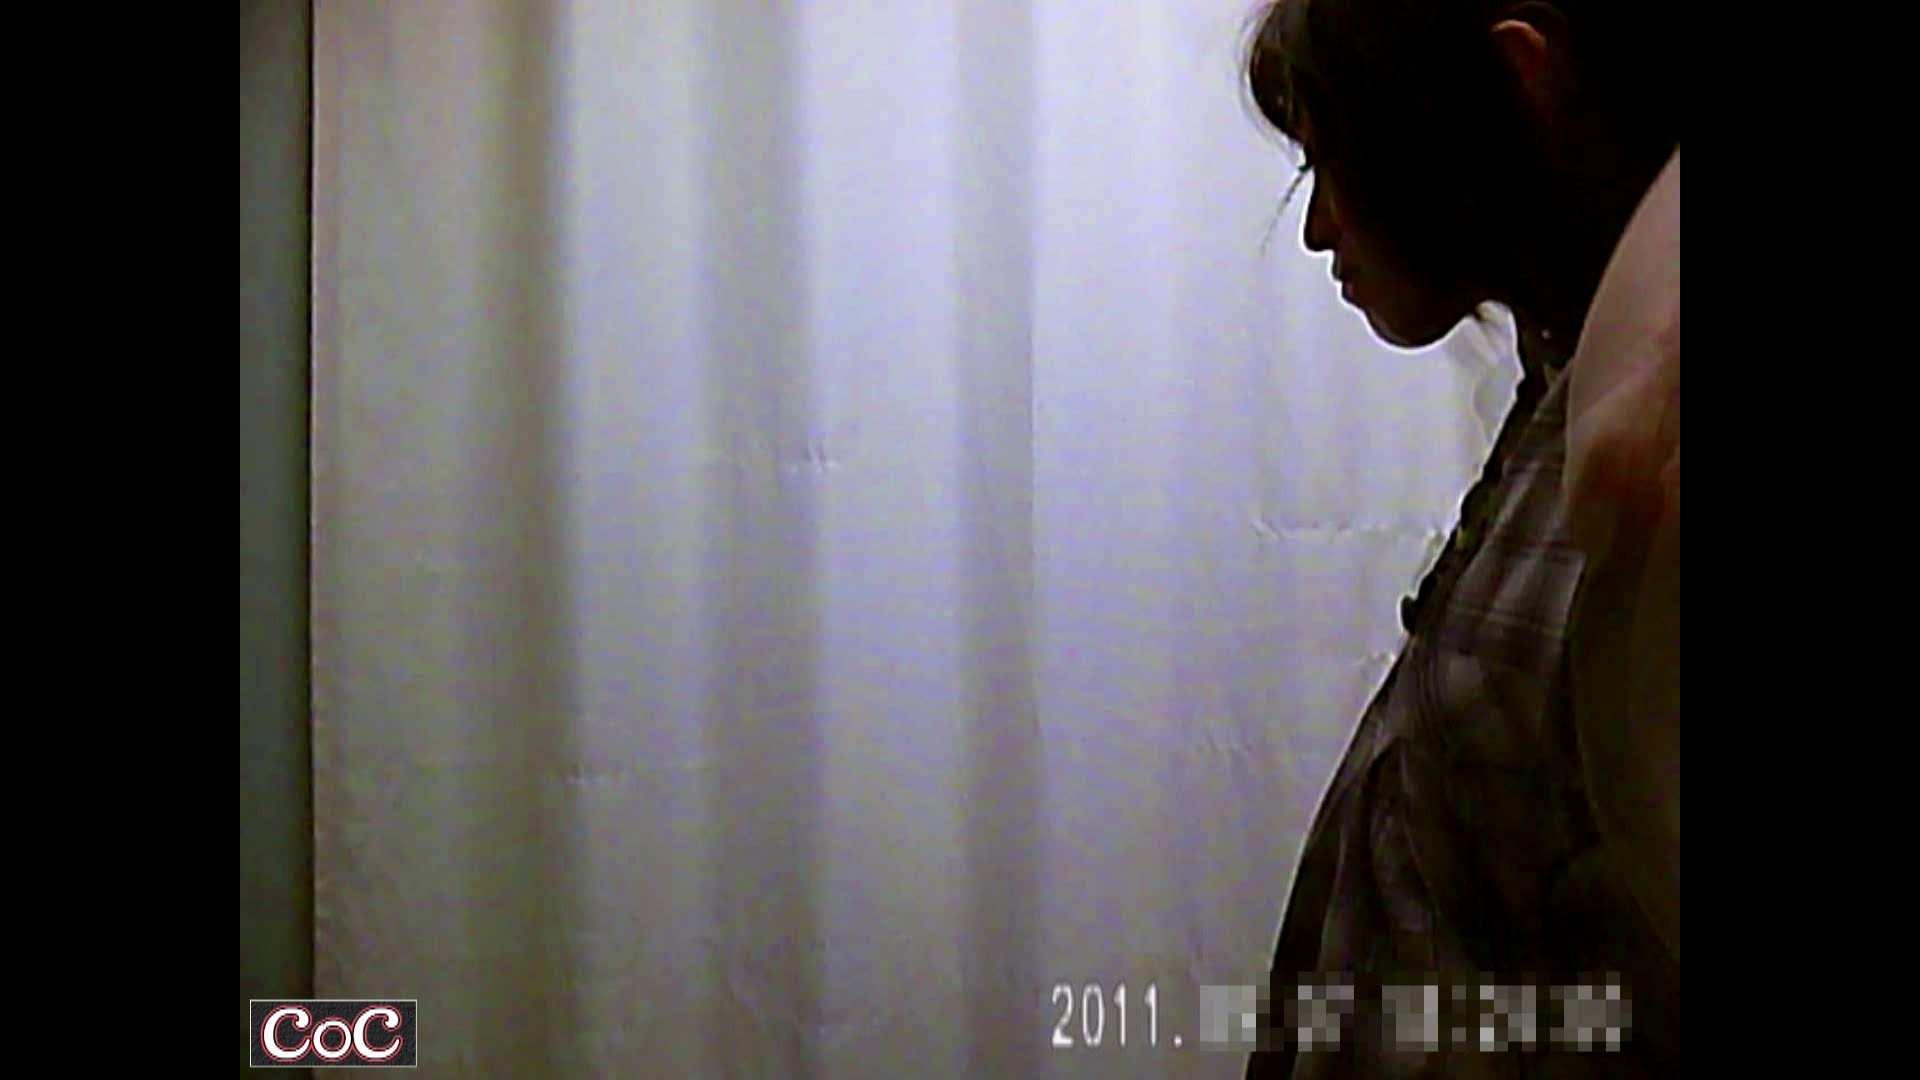 病院おもいっきり着替え! vol.20 巨乳 オマンコ無修正動画無料 80画像 6